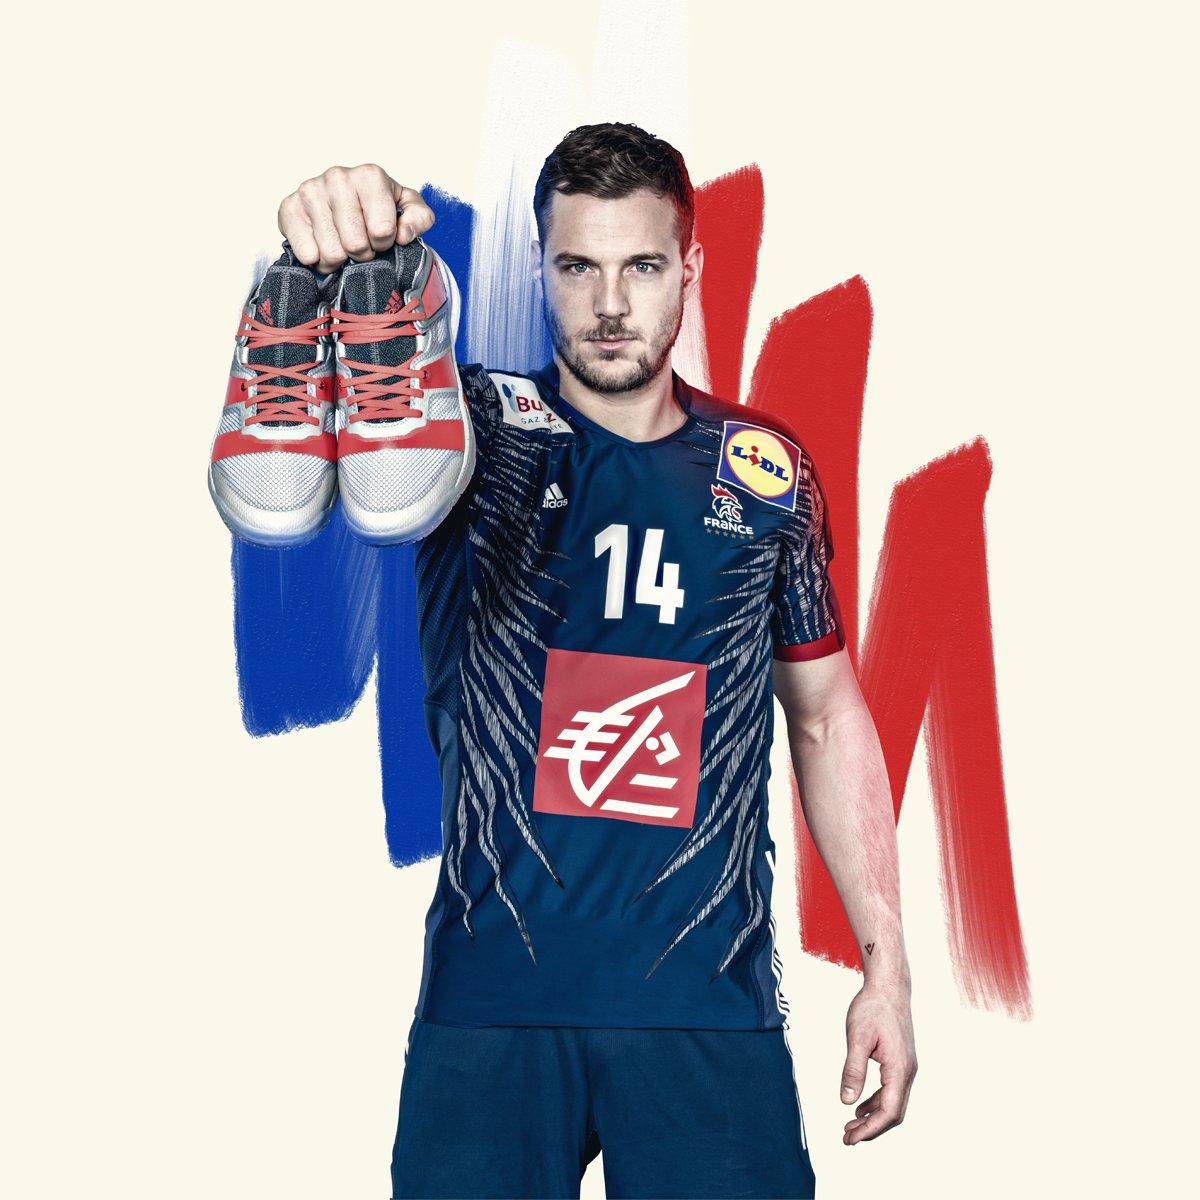 ⚡️⚡️⚡️ Gagnez 🎁 une paire de la nouvelle #Stabil 👟 Adidas en soutenant les Bleus 🇫🇷 pour le tour principal de l'#EHFEuro2018 🏆 ⚡️⚡️⚡️  Follow @adidasFR et @HandNewsfr + RT 🤾♂️ #HereToCreate  Bonne chance ✌️